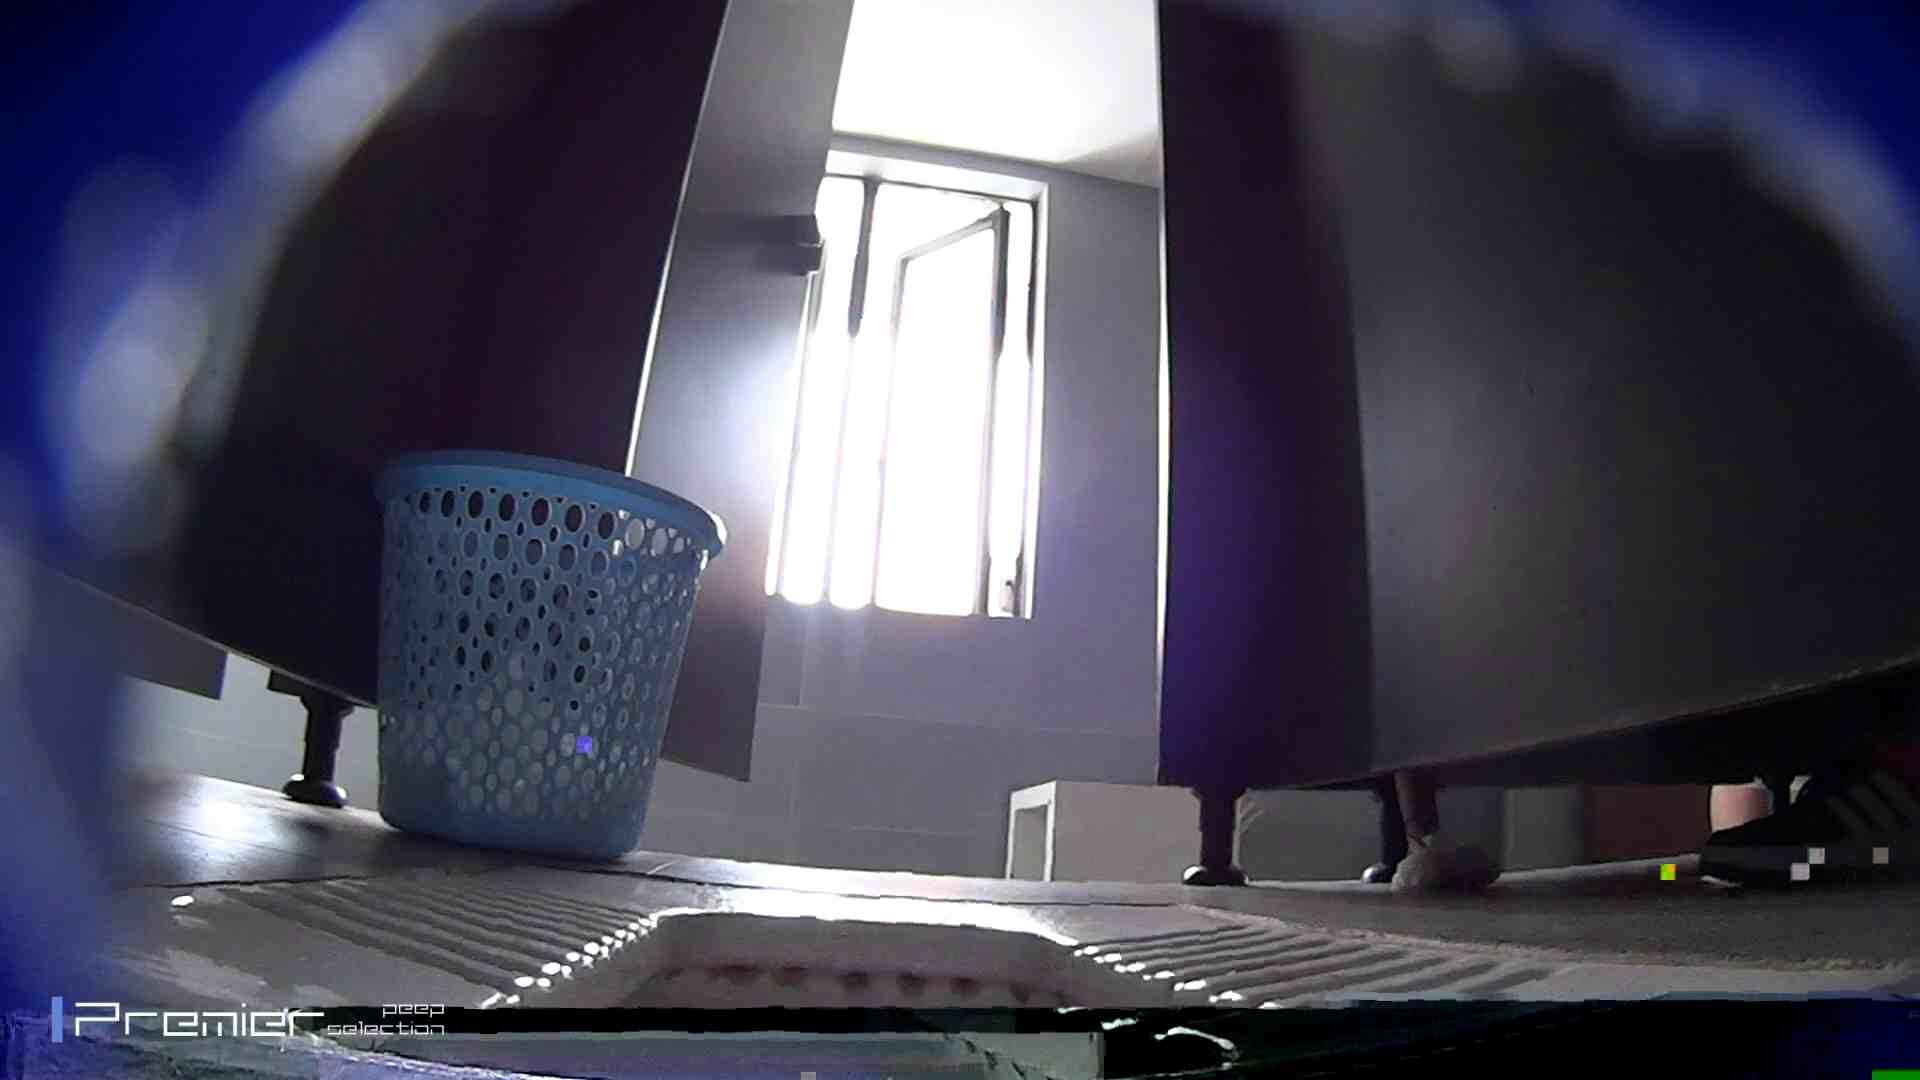 清楚なJDトイレ盗撮 大学休憩時間の洗面所事情41 美肌 ぱこり動画紹介 69画像 60